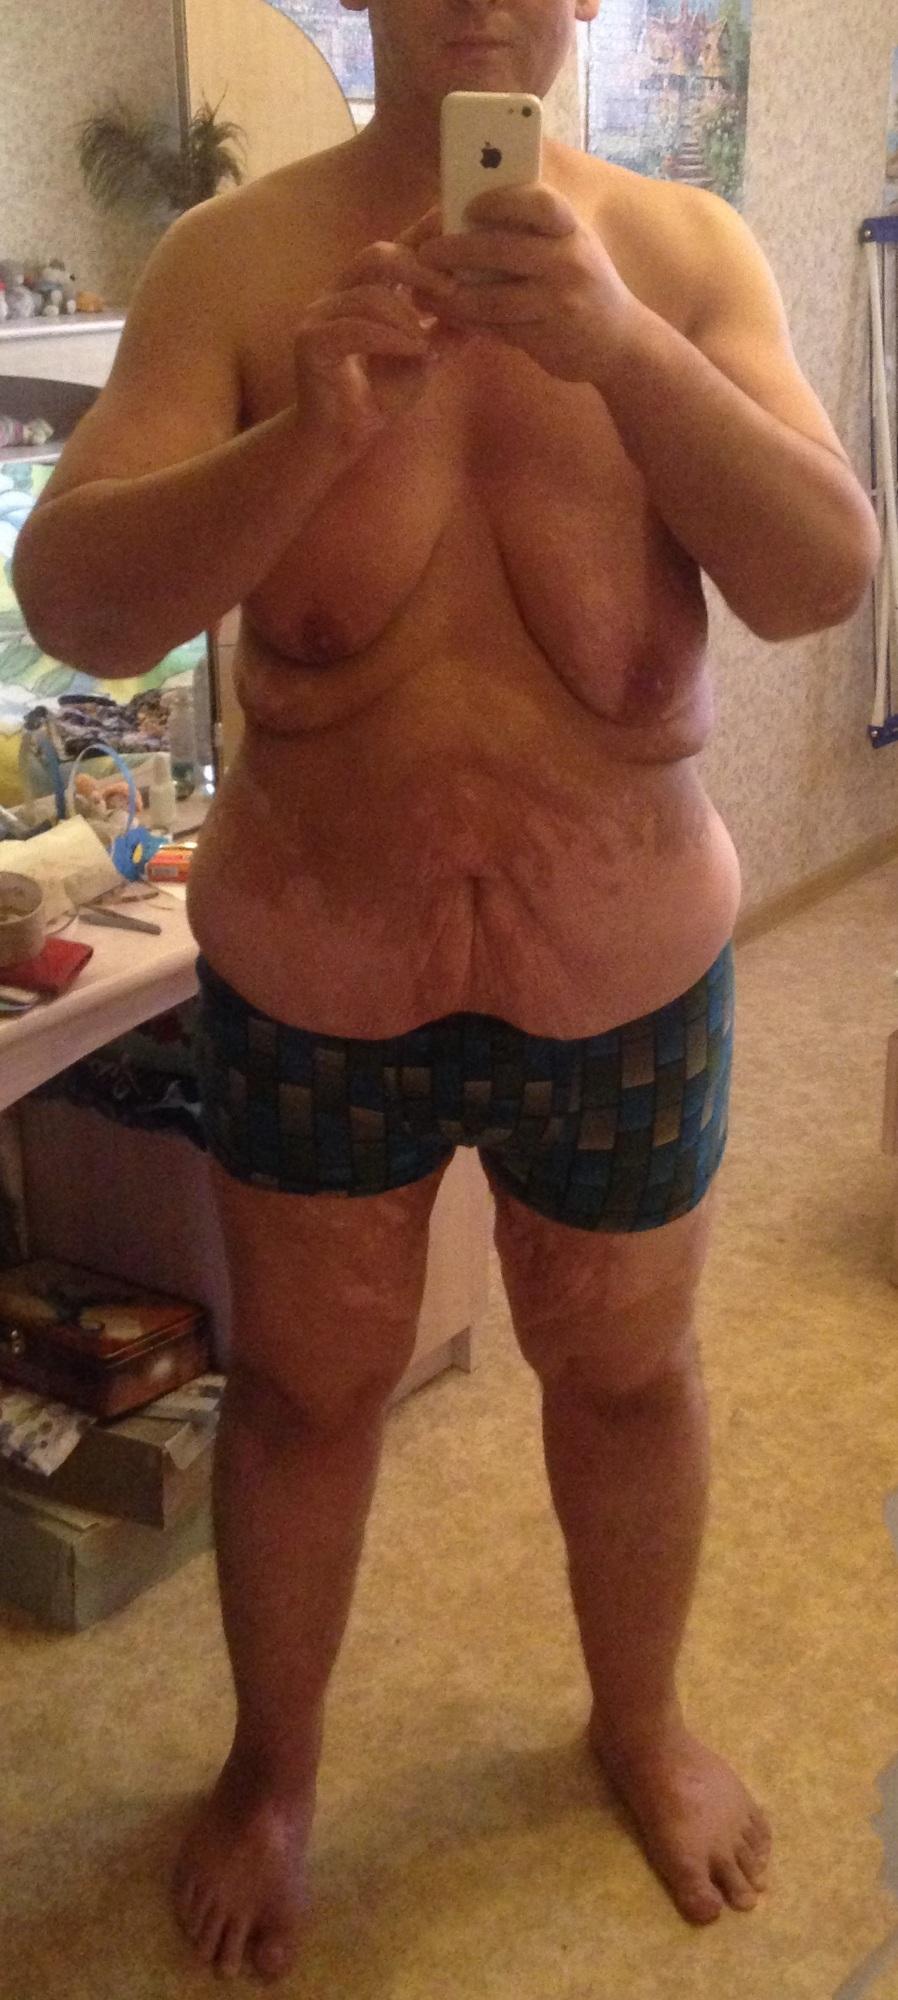 процесс похудения продолжается